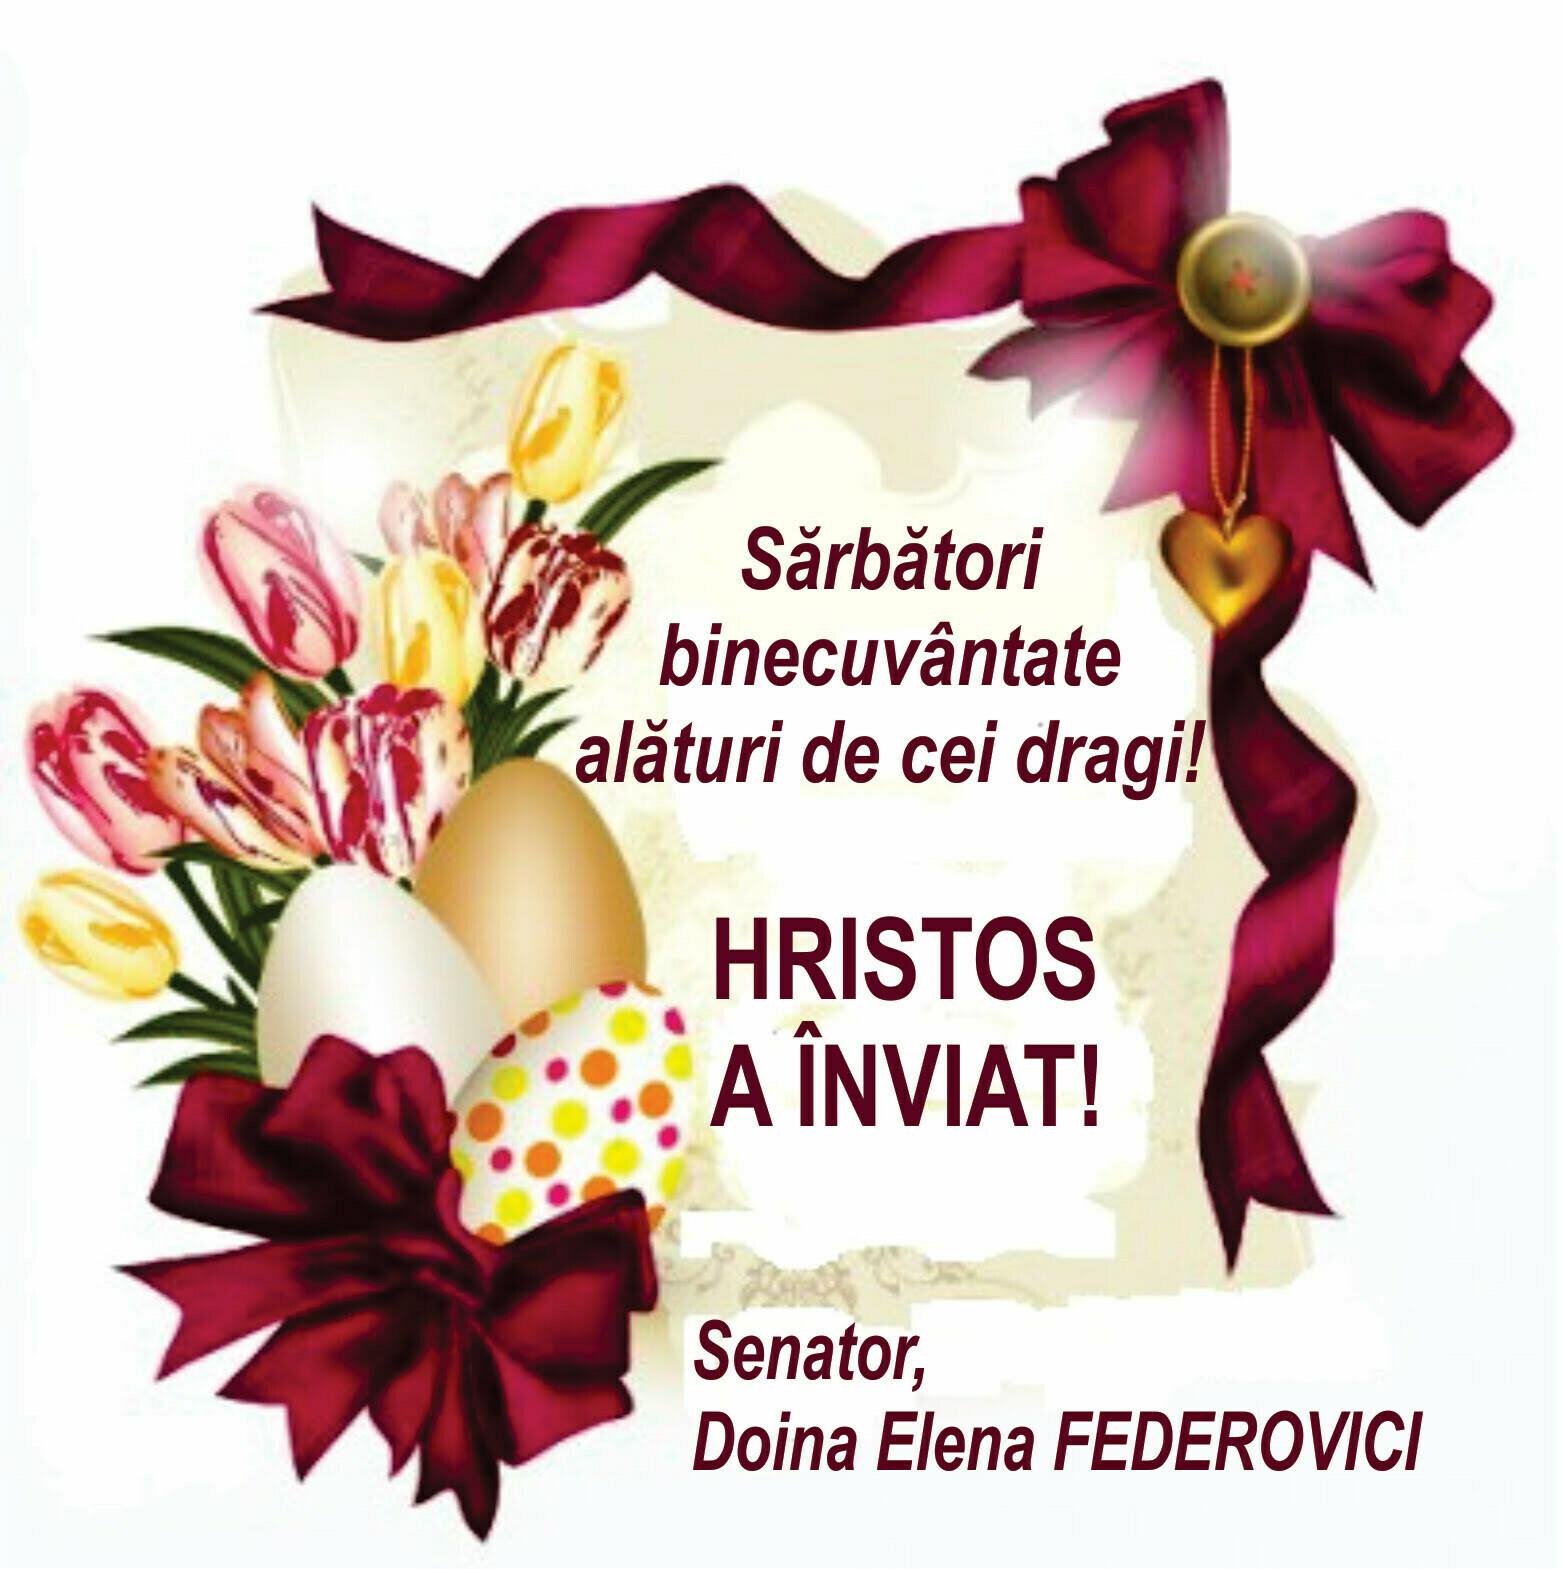 SENATOR Doina Federovici – Sfânta sărbătoare de Paşte la romano- catolici este un moment în care dragostea, pacea şi seninătatea se unesc în numele Domnului. Hristos a înviat!